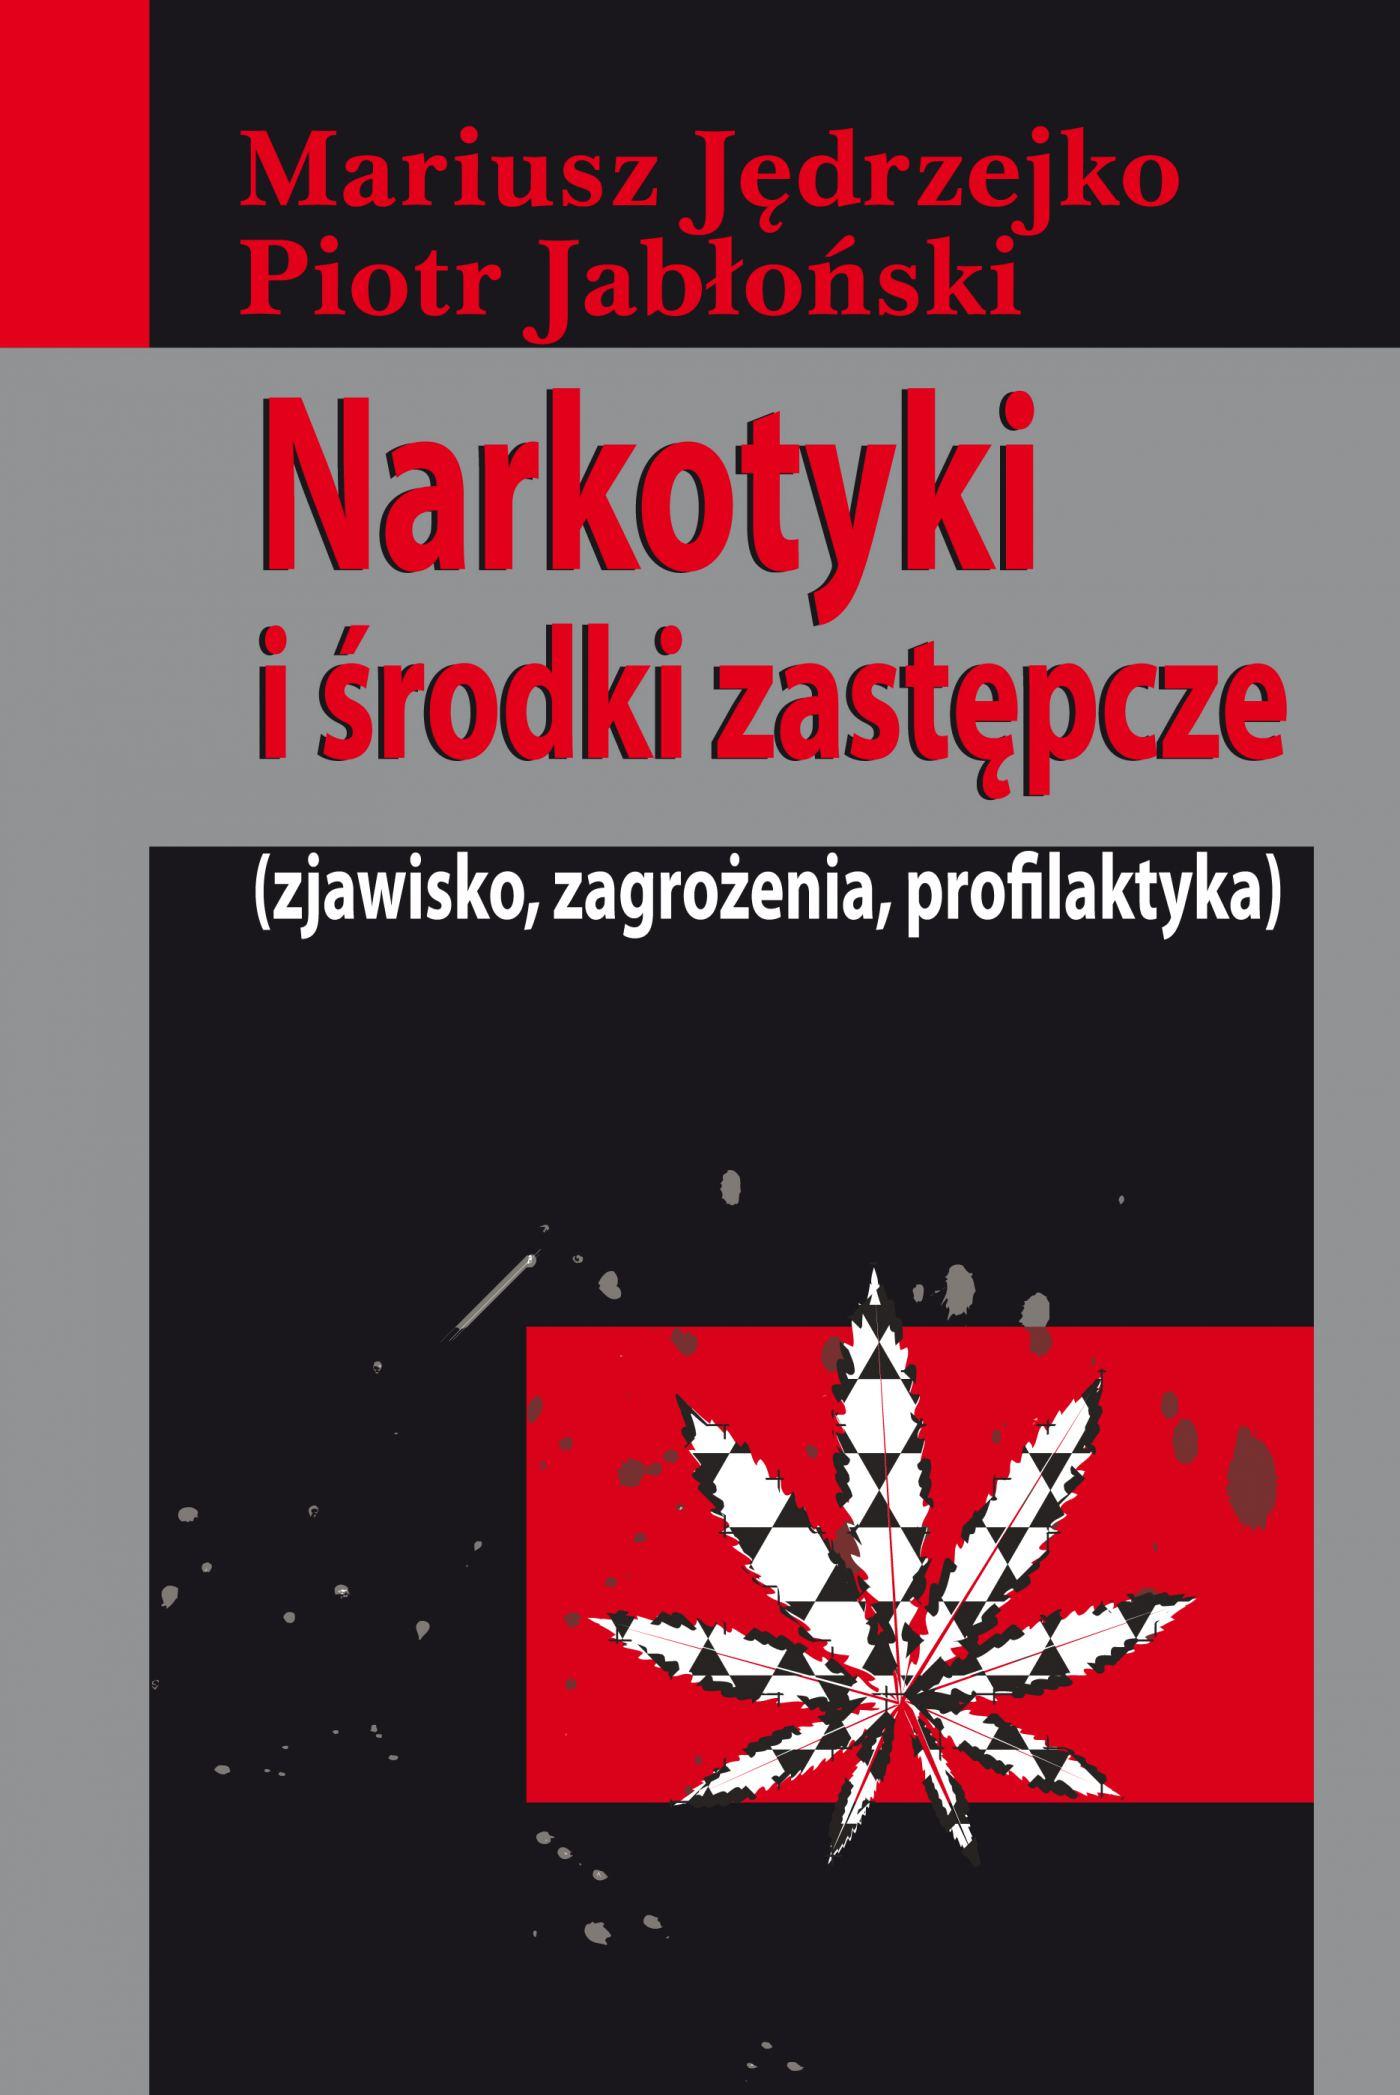 Narkotyki i środki zastępcze - Ebook (Książka PDF) do pobrania w formacie PDF